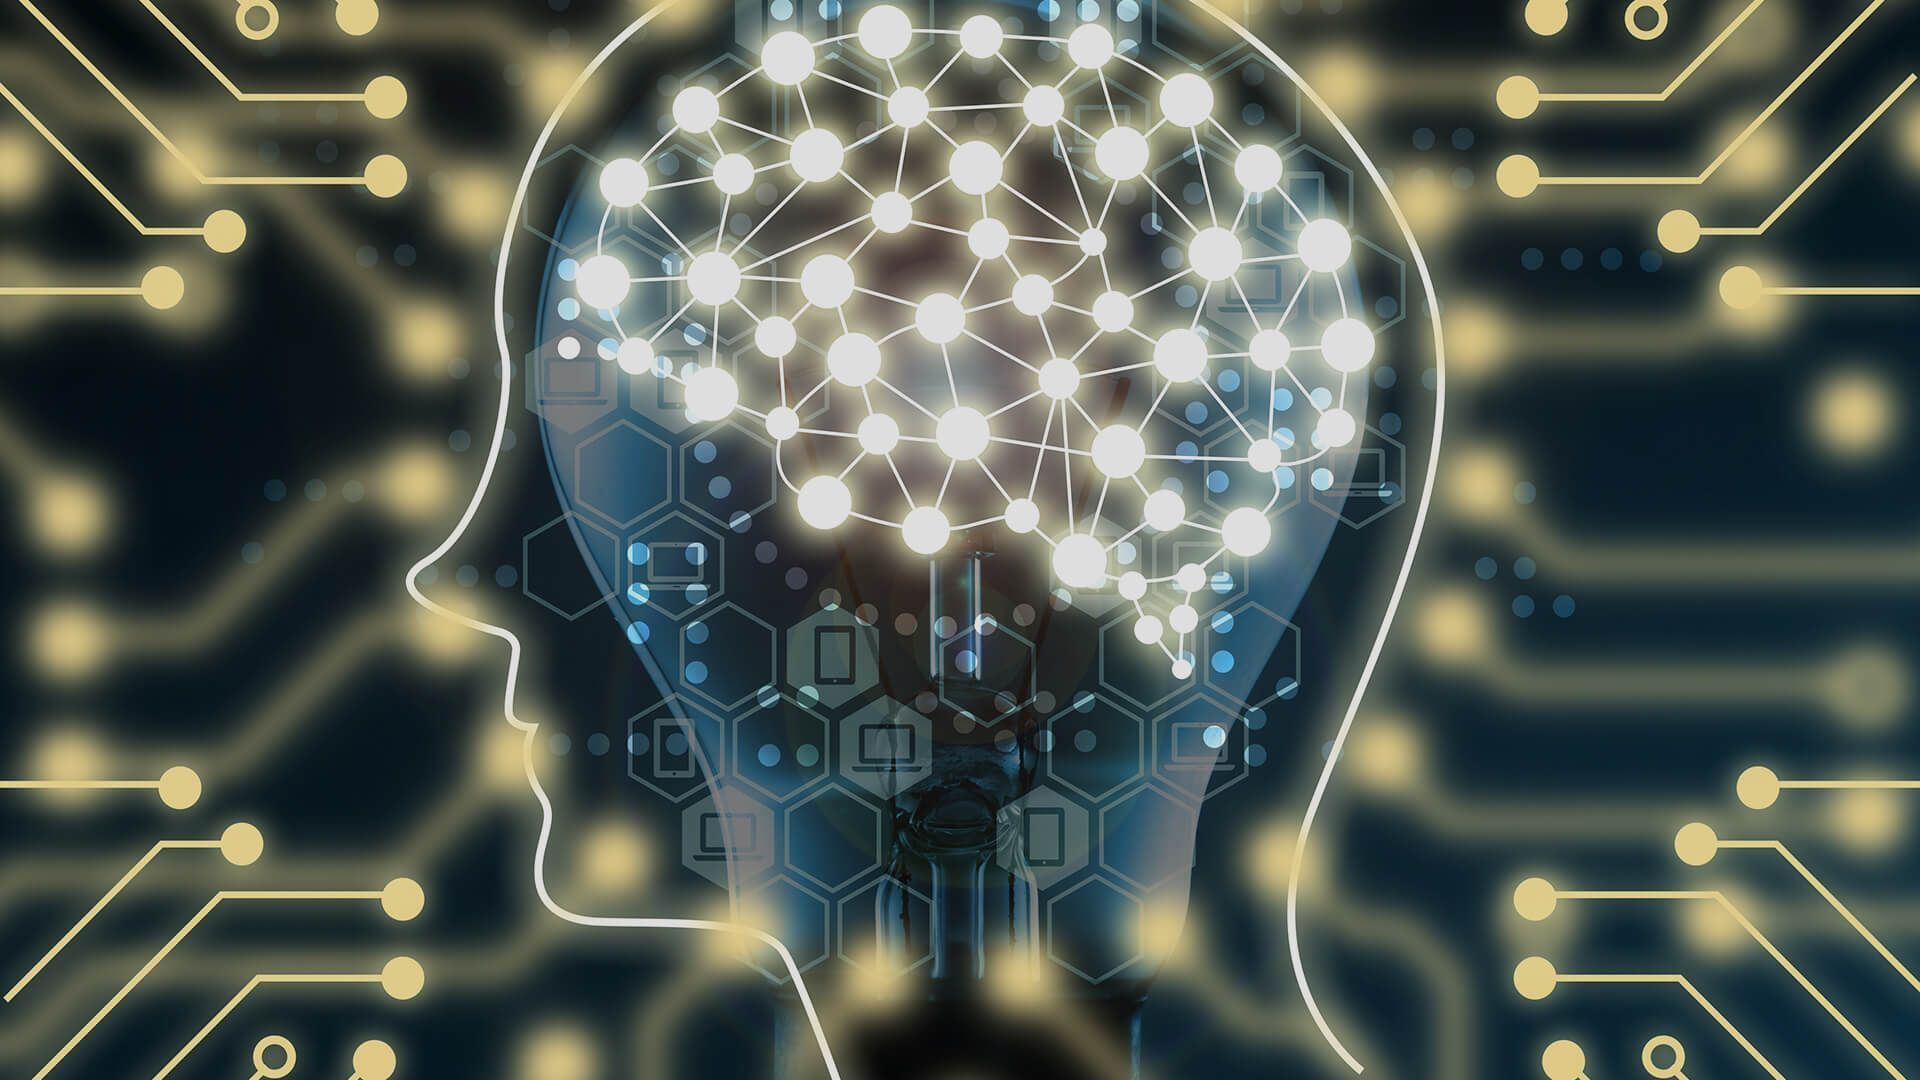 互联网大脑的云反射弧巫师v大脑路径,兼谈et问题模糊维纶+3月尘大脑之+图纸图片